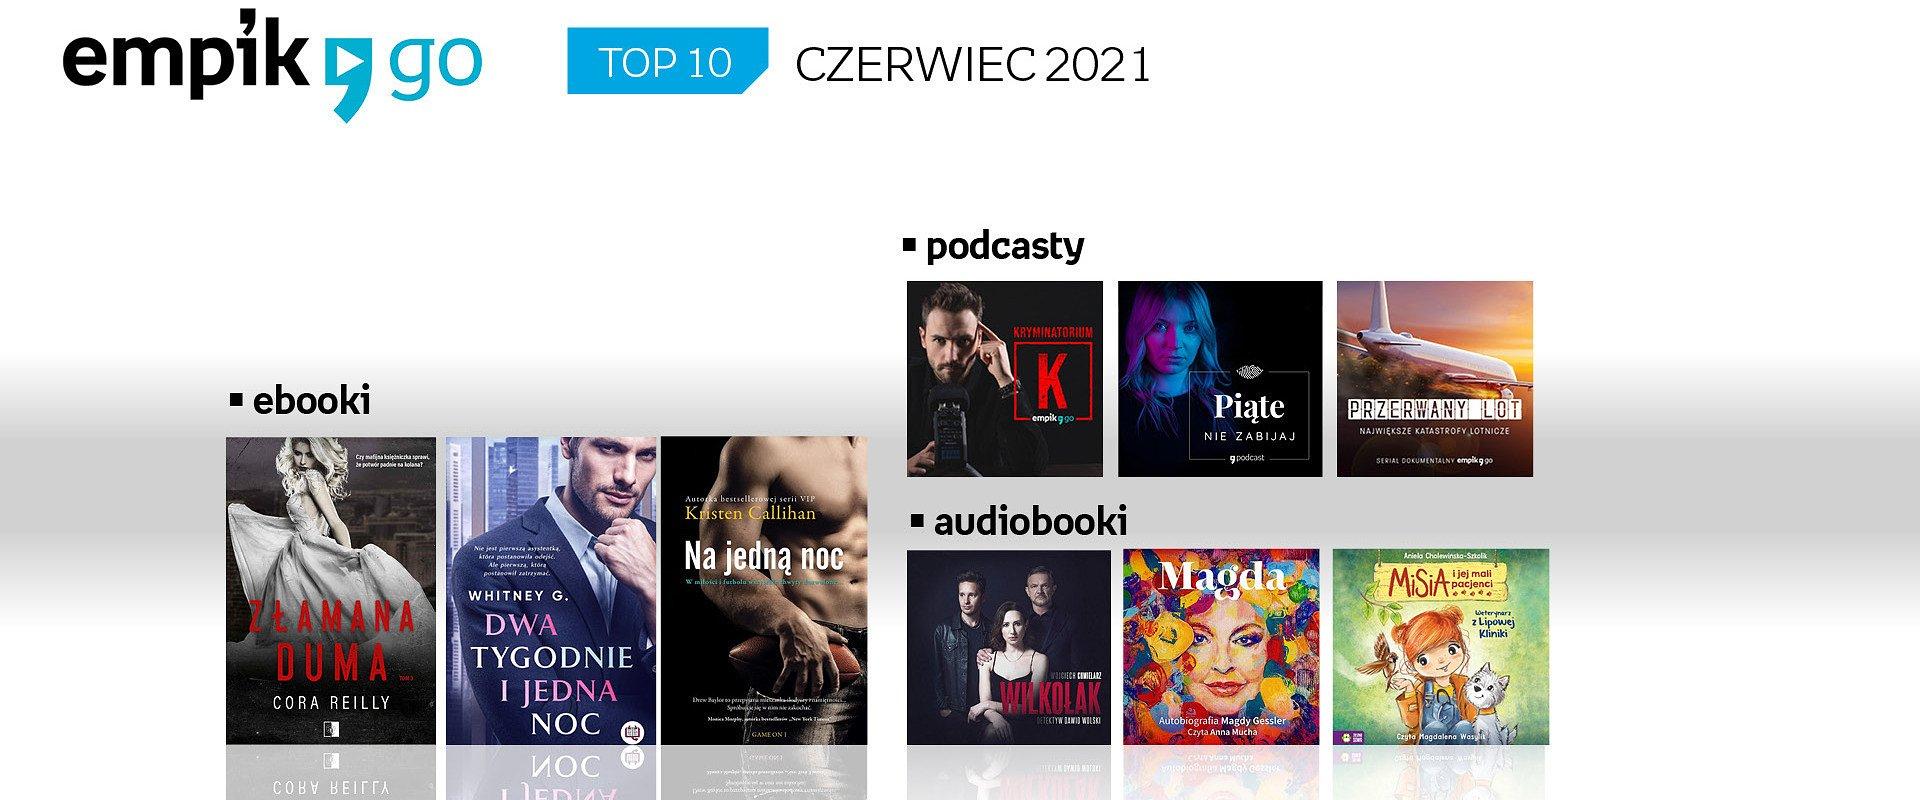 Lista TOP 10 audiobooków, e-booków i podcastów w aplikacji Empik Go w czerwcu